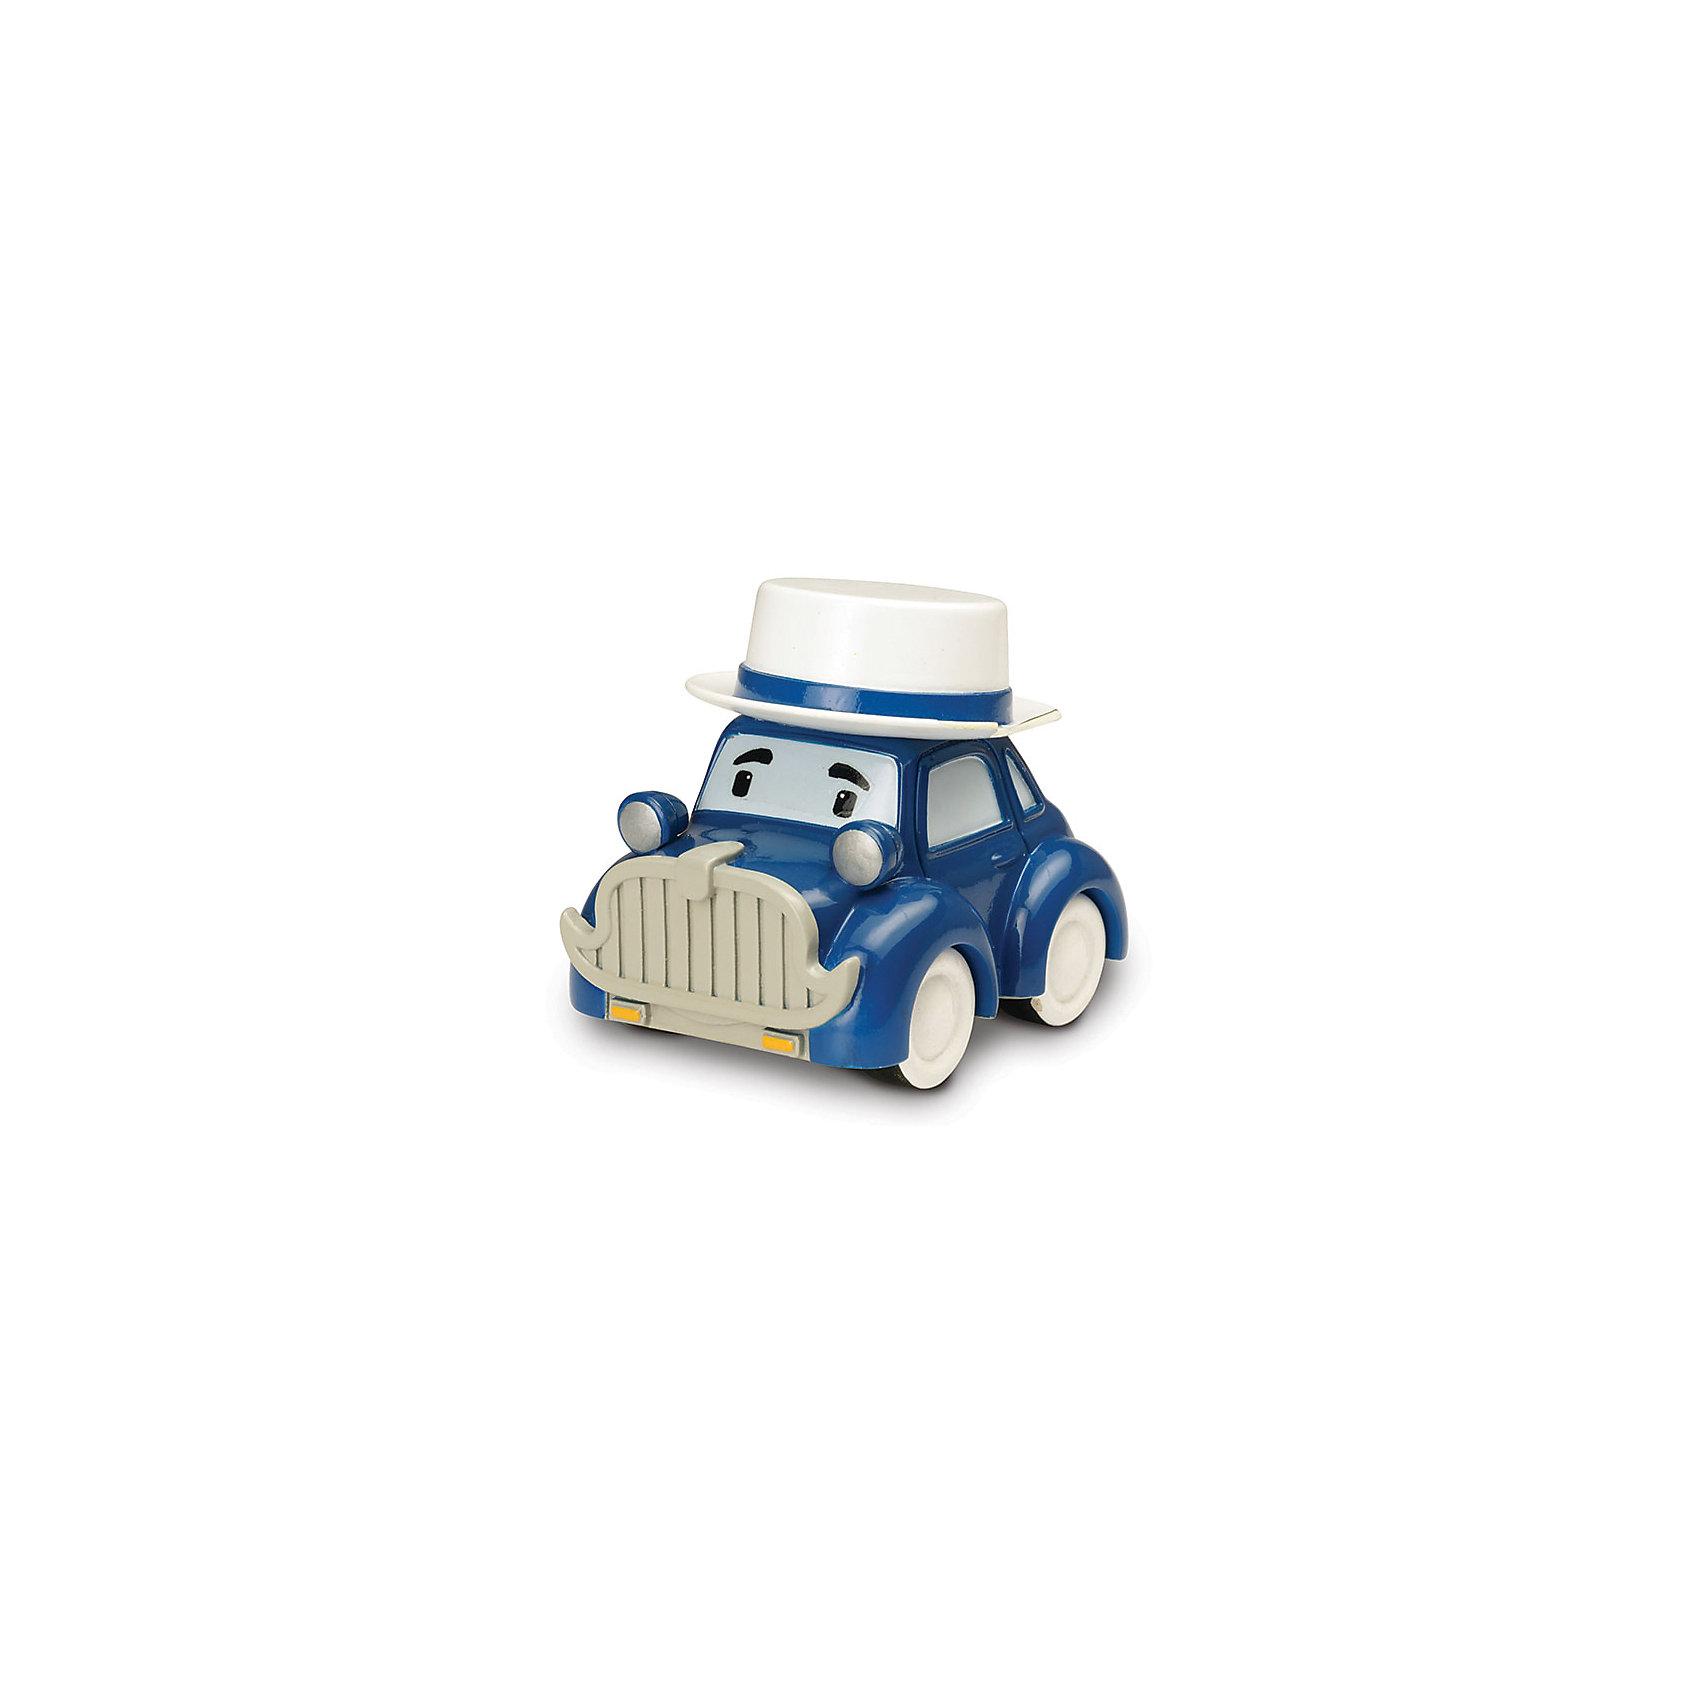 Игрушка Металлическая машинка Масти, 6 см, Робокар ПолиРобокар Поли (Robocar Poli) -  добрый, интересный мультфильм про жителей удивительного города Брумстауна. В главных ролях команда отважных машинок-спасателей. Каждый малыш мечтает получить фигурки любимых героев в подарок! Масти - это храбрый житель городка. Он всегда готов придти на помощь, если кто-то попал в беду! Неравнодушный господин Масти всегда остановит нарушителя. Игрушка отлично сочетается со всеми игровыми наборами Робокар Поли  (Robocar Poli) с трассами. Играть с Масти будет еще интереснее, ведь он точь в точь как в мультфильме! Маленькую металлическую машинку легко брать с собой, она очень прочная и при этом безопасная, так как не содержит острых углов. Соберите всю коллекцию из серии Робокар Поли (Robocar Poli) и пускайтесь с любимыми героями в захватывающие приключения!<br><br>Дополнительная информация:<br><br>- Небольшая металлическая машинка;<br>- Стойкая краска;<br>- Очень понравится поклоннику мультсериала Робокар Поли  (Robocar Poli);<br>- Машинка совместима с игровыми наборами;<br>- Прочная конструкция; <br>- Материал: металл;<br>- Размер машинки: 6 х 4 х 3,8 см;<br>- Вес: 140 г<br><br>Игрушку Металлическая машинка Масти, 6 см, Робокар Поли  (Robocar Poli) можно купить в нашем интернет-магазине.<br><br>Ширина мм: 150<br>Глубина мм: 50<br>Высота мм: 160<br>Вес г: 140<br>Возраст от месяцев: 36<br>Возраст до месяцев: 84<br>Пол: Унисекс<br>Возраст: Детский<br>SKU: 4033643